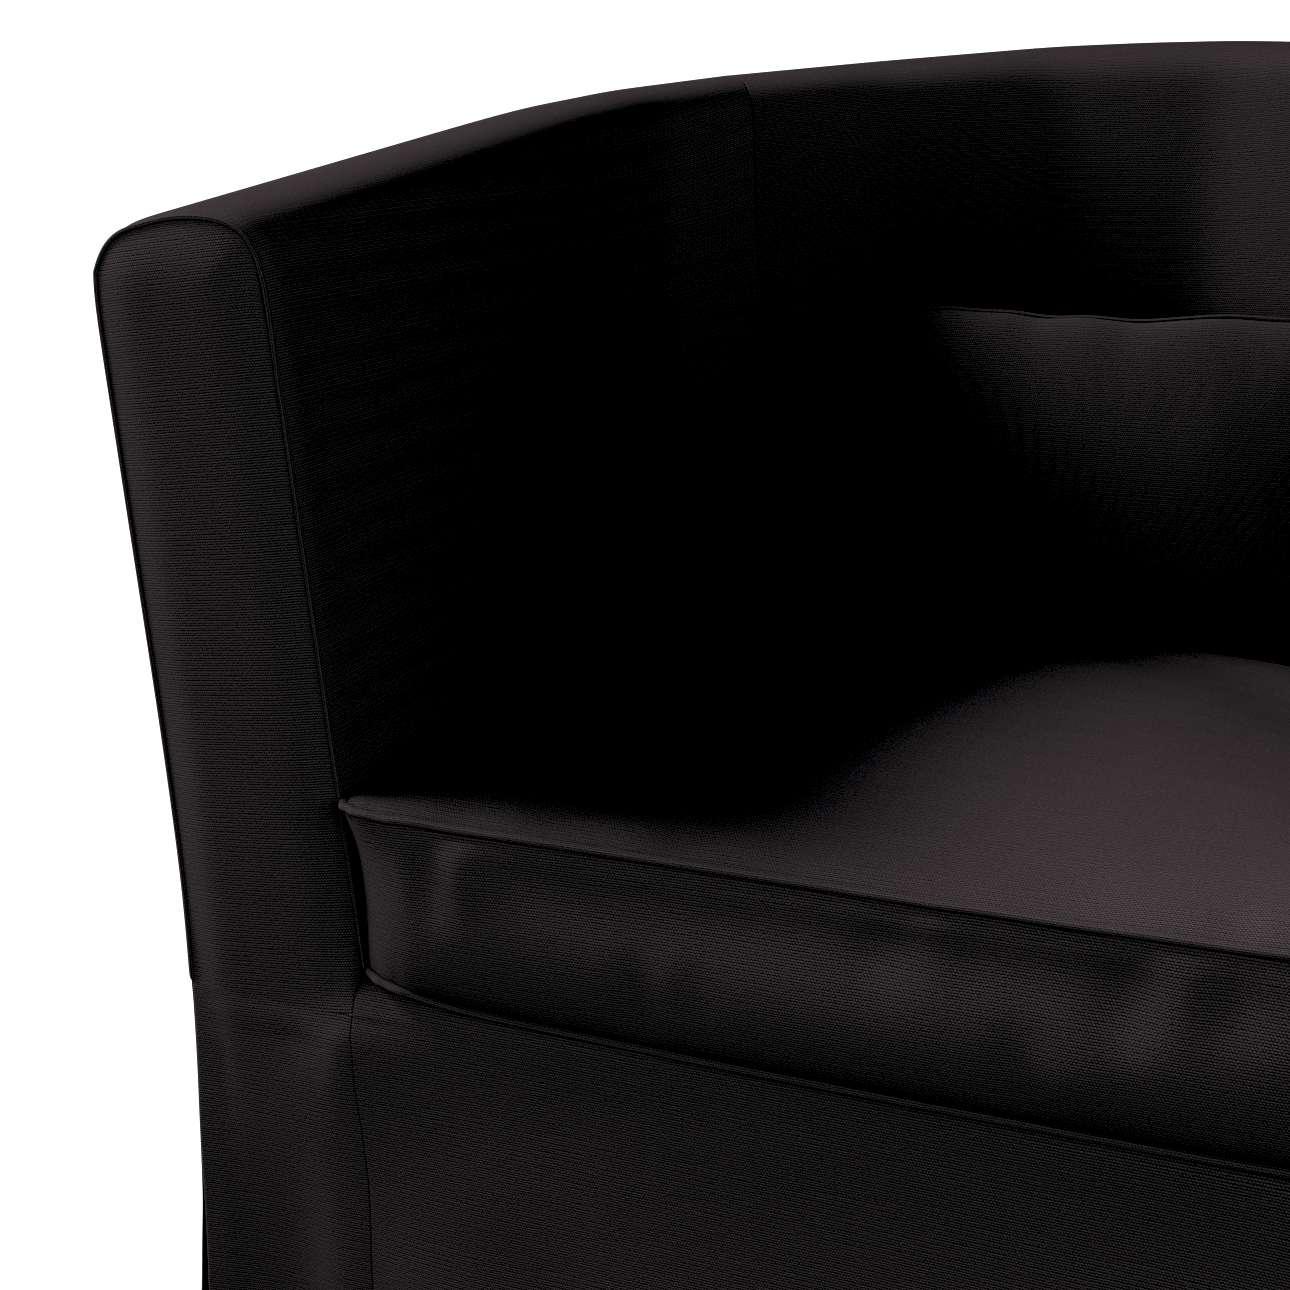 Pokrowiec na fotel Ektorp Tullsta w kolekcji Cotton Panama, tkanina: 702-08